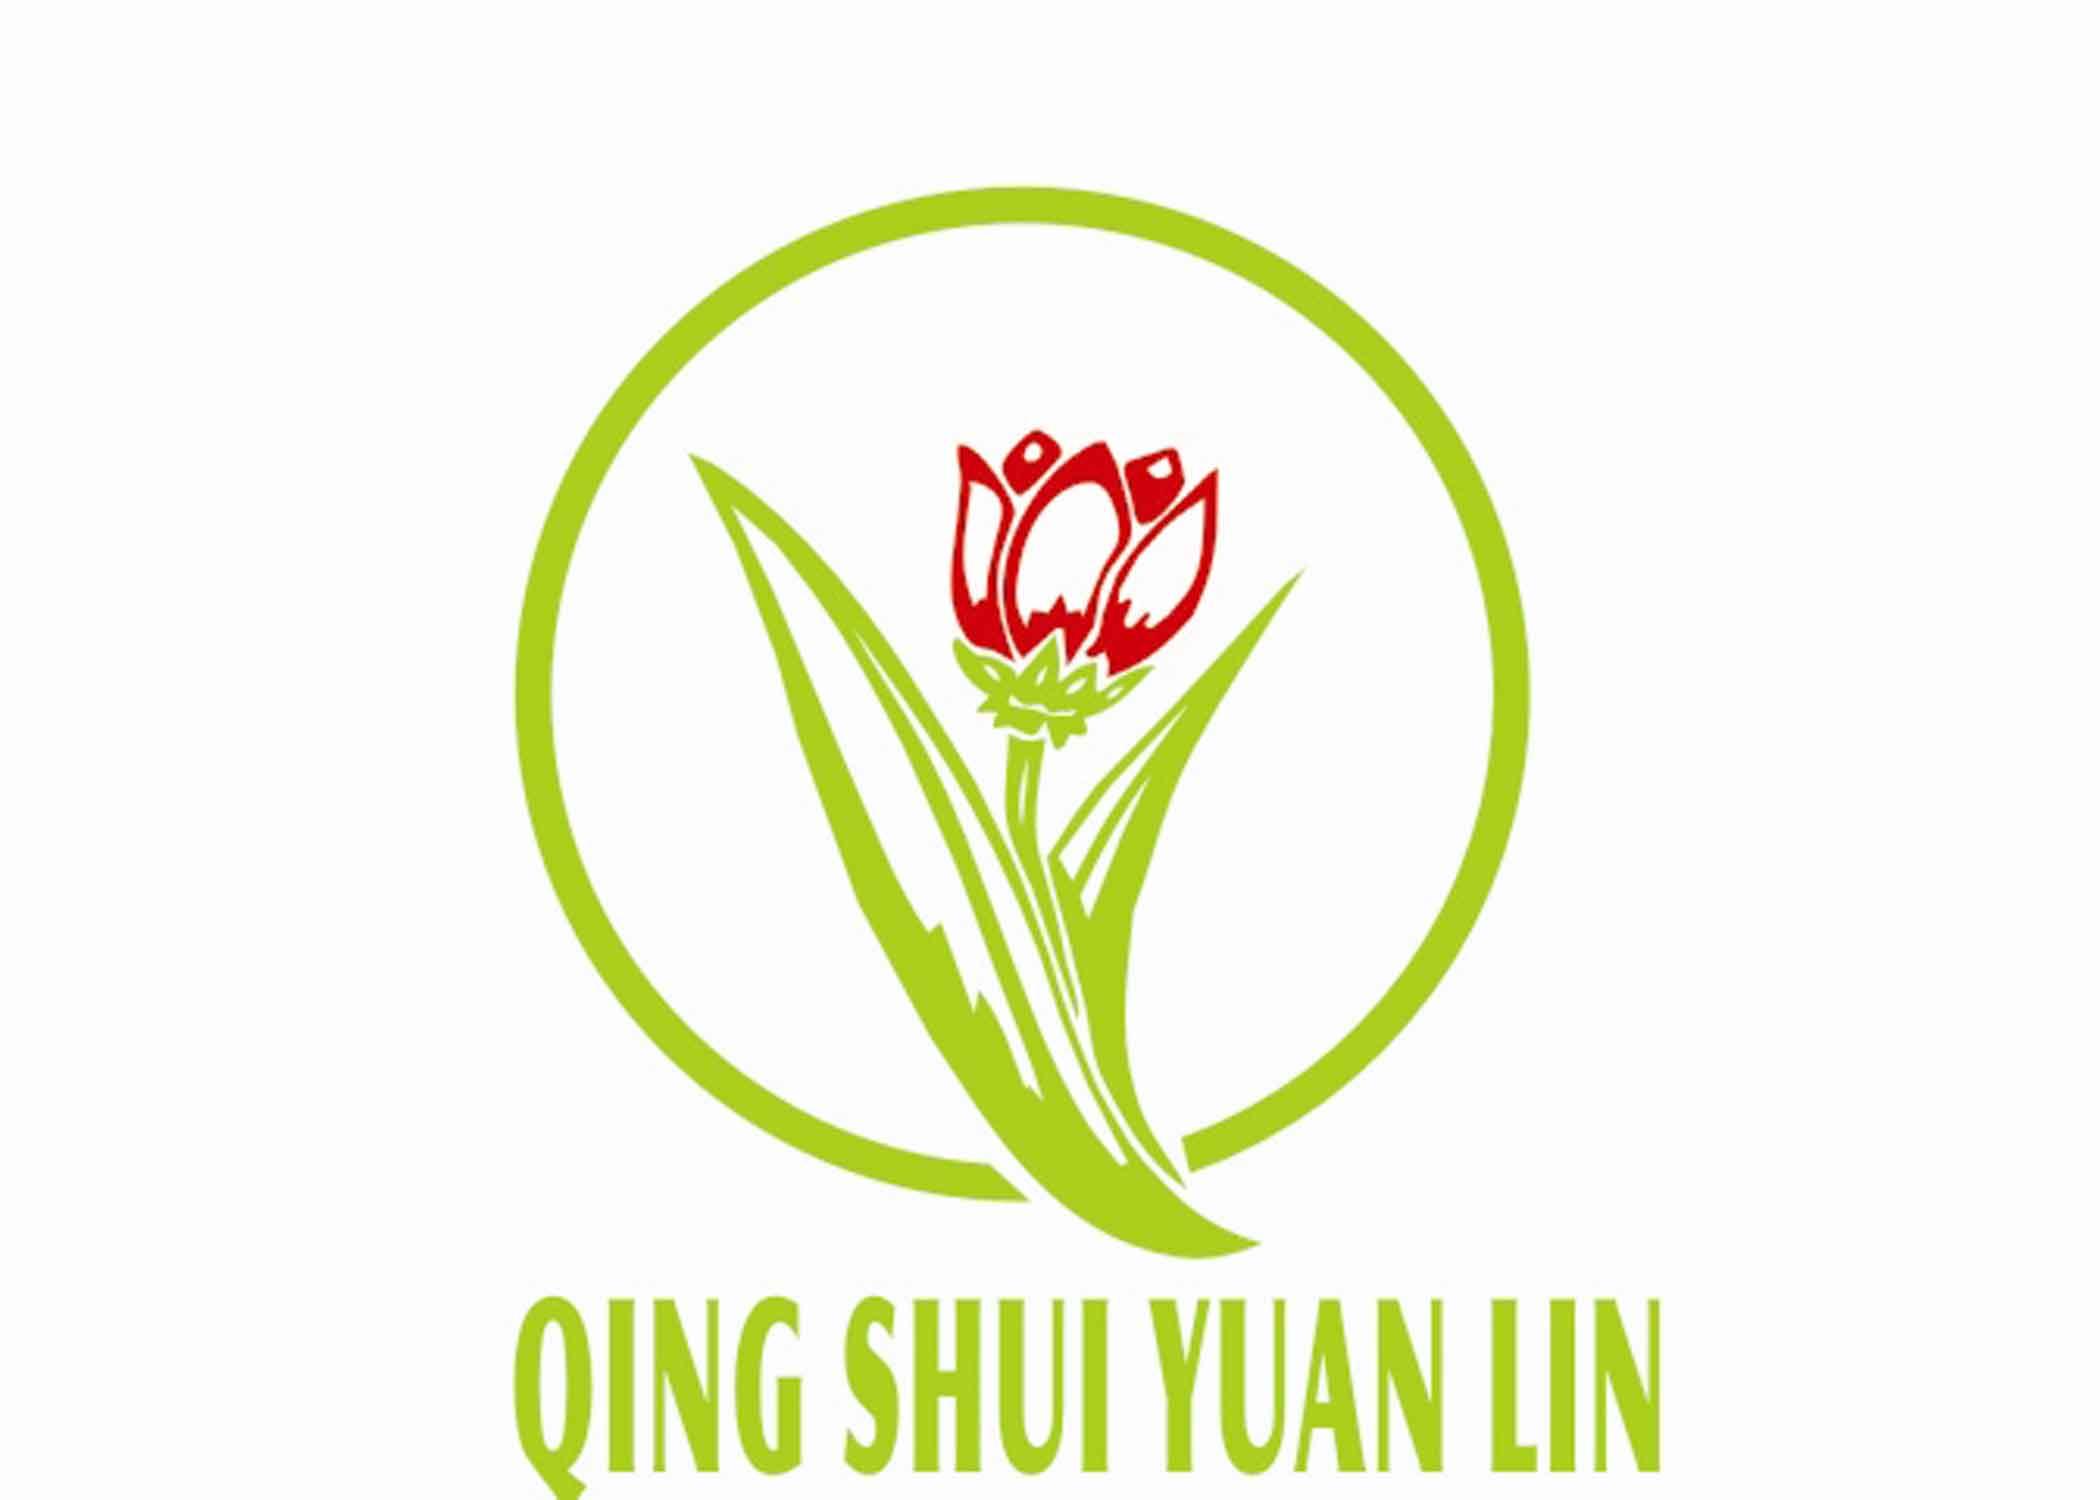 芜湖清水园林绿化工程有限公司最新招聘信息